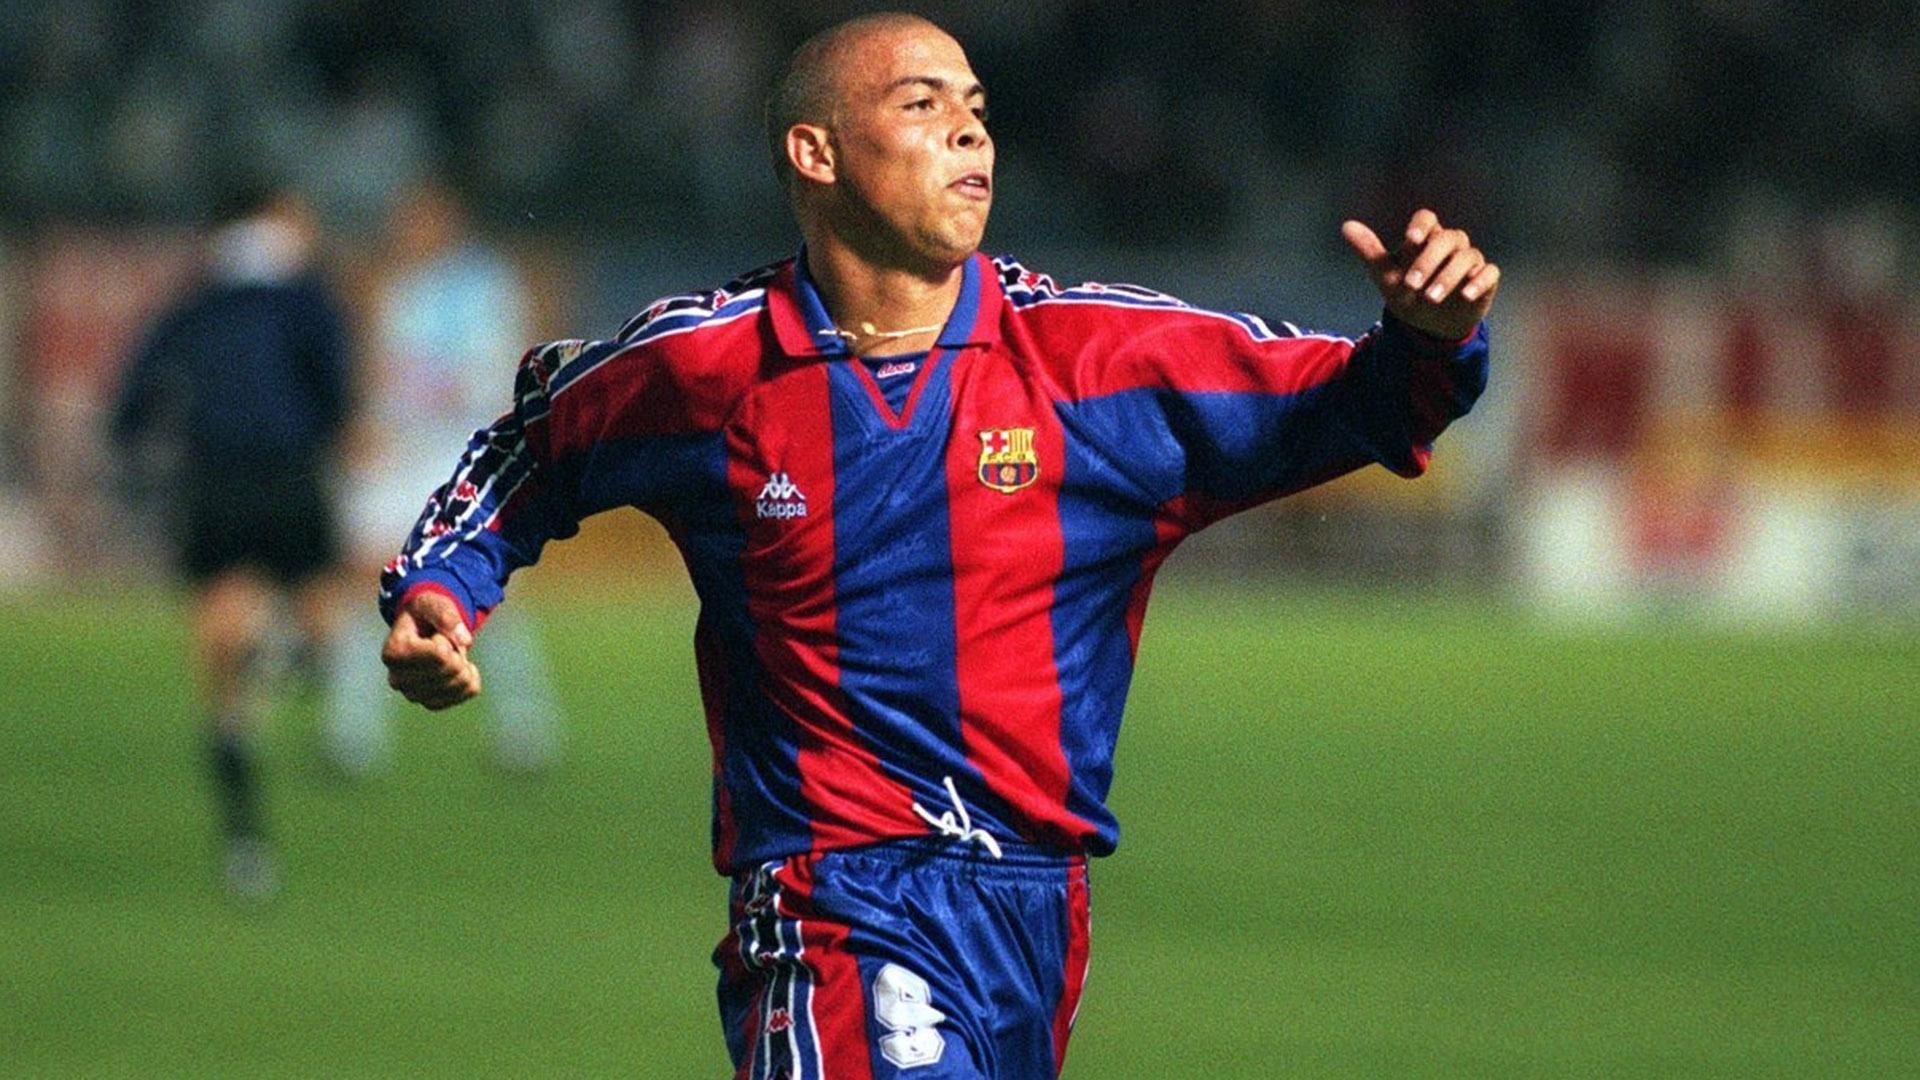 Ronaldo reveló un dato sobre su salida del Barcelona que pudo haber cambiado la historia - Infobae